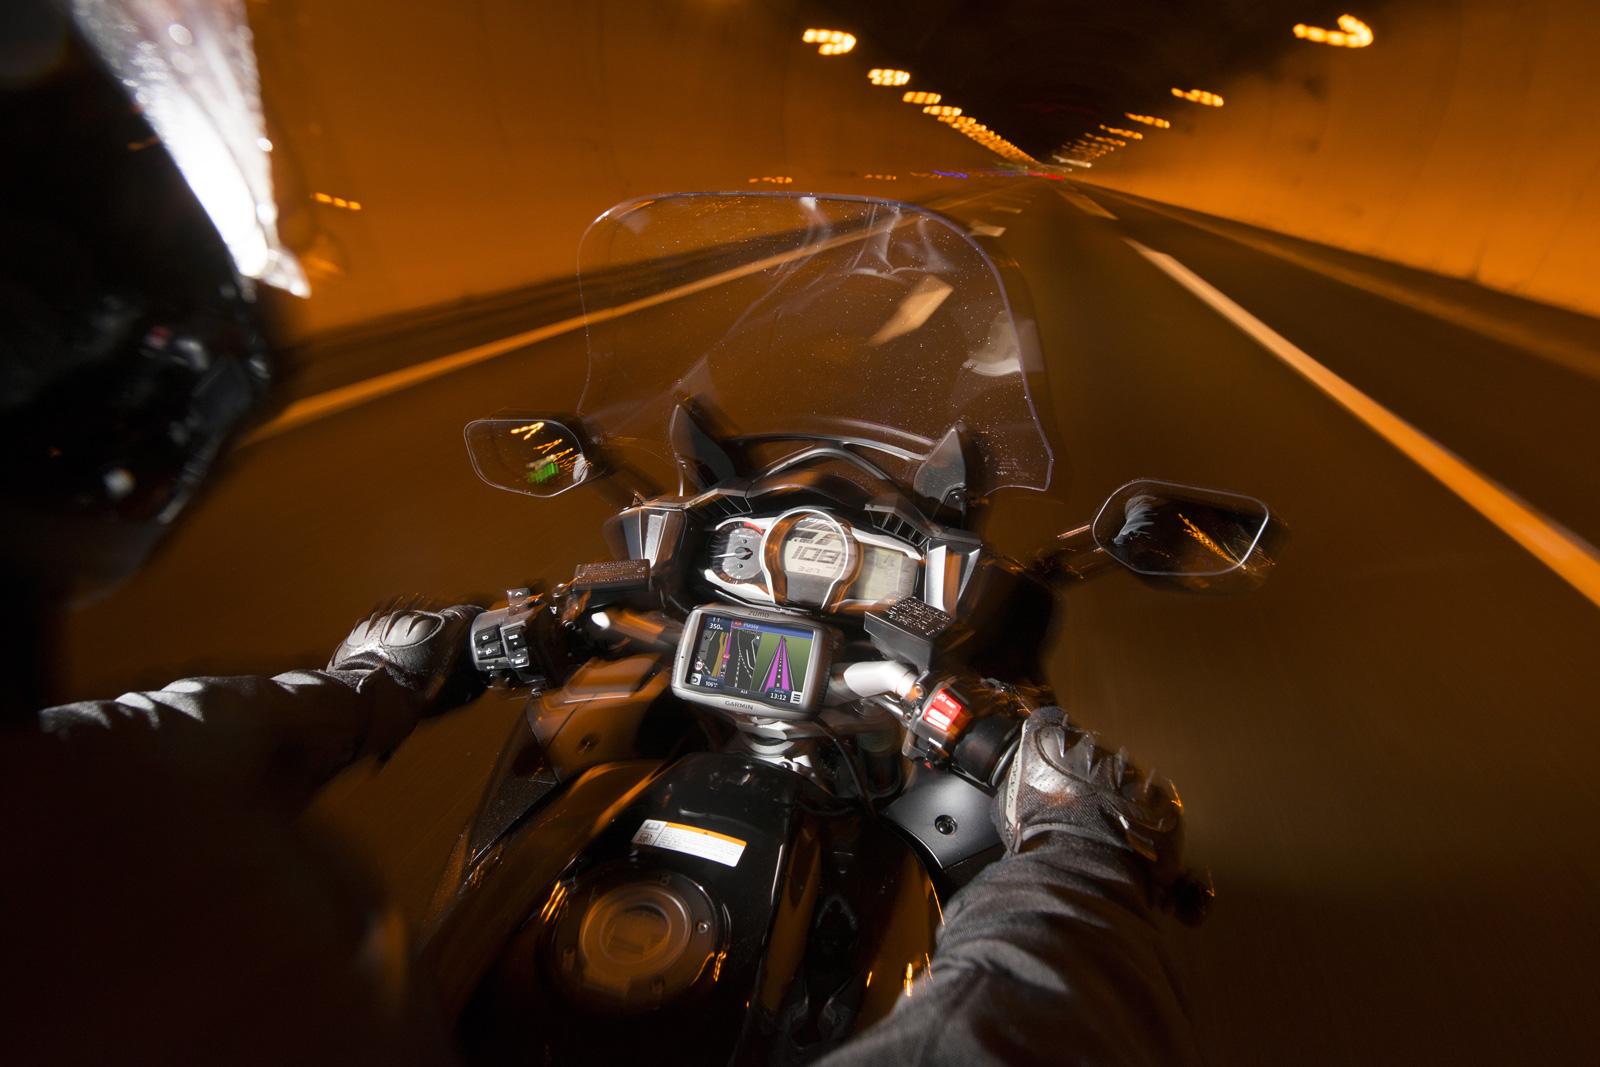 Motociclos